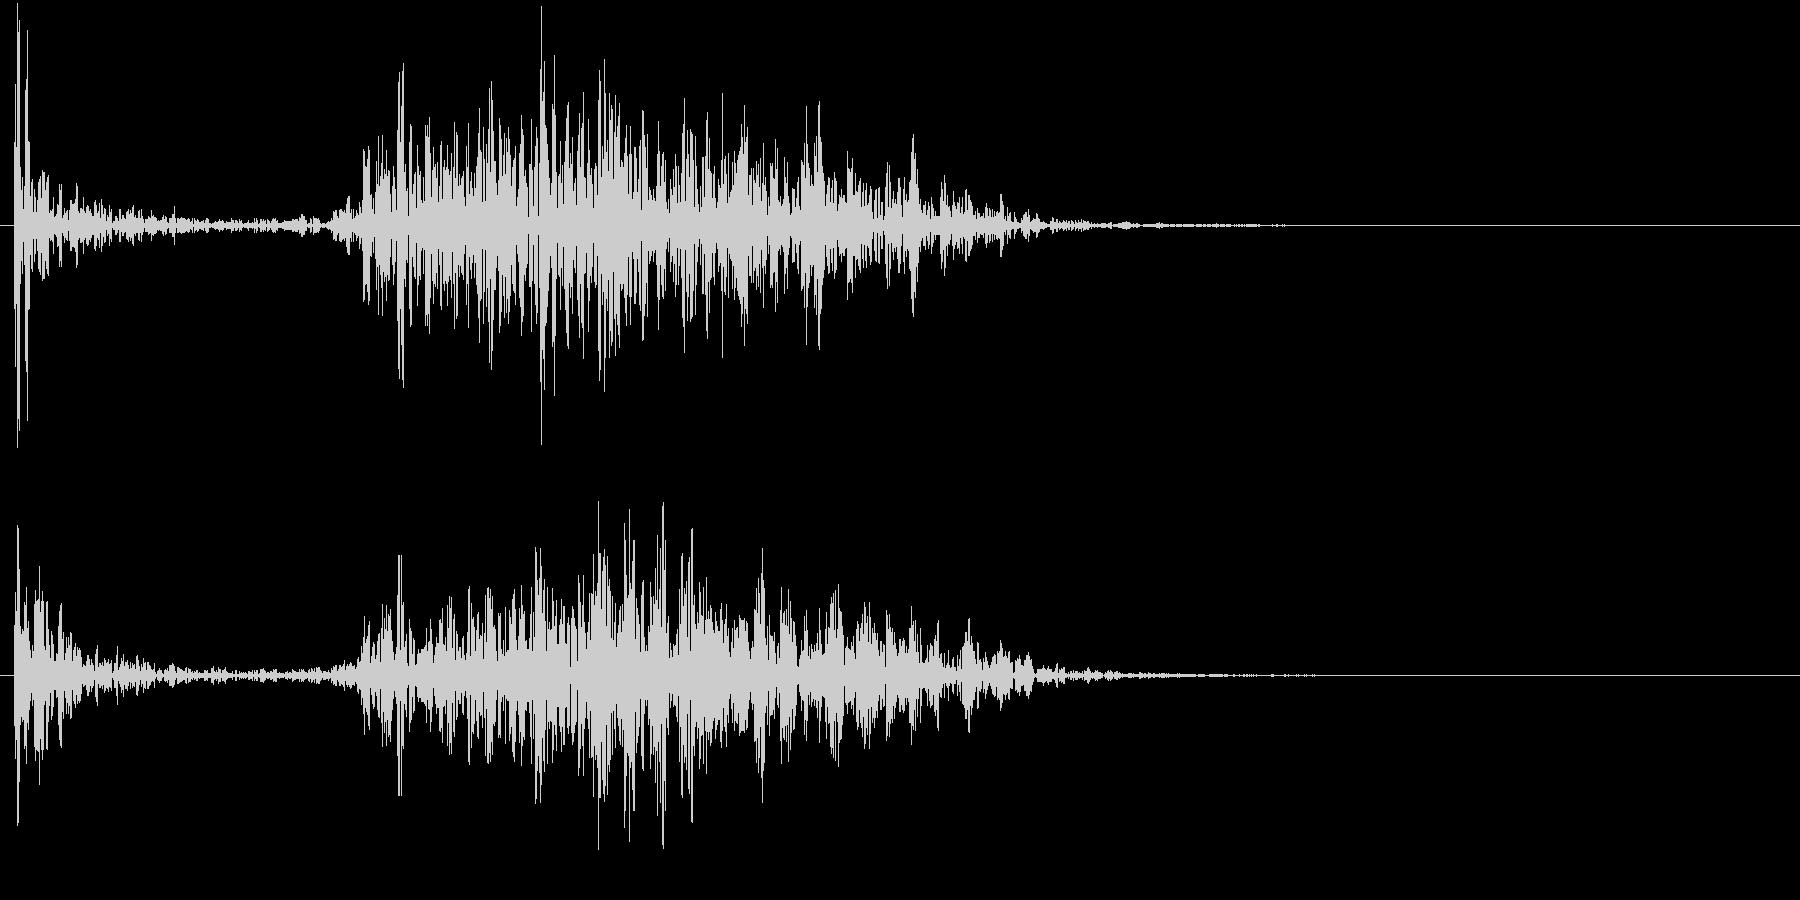 【生録音】ペンで書く音 机 13の未再生の波形